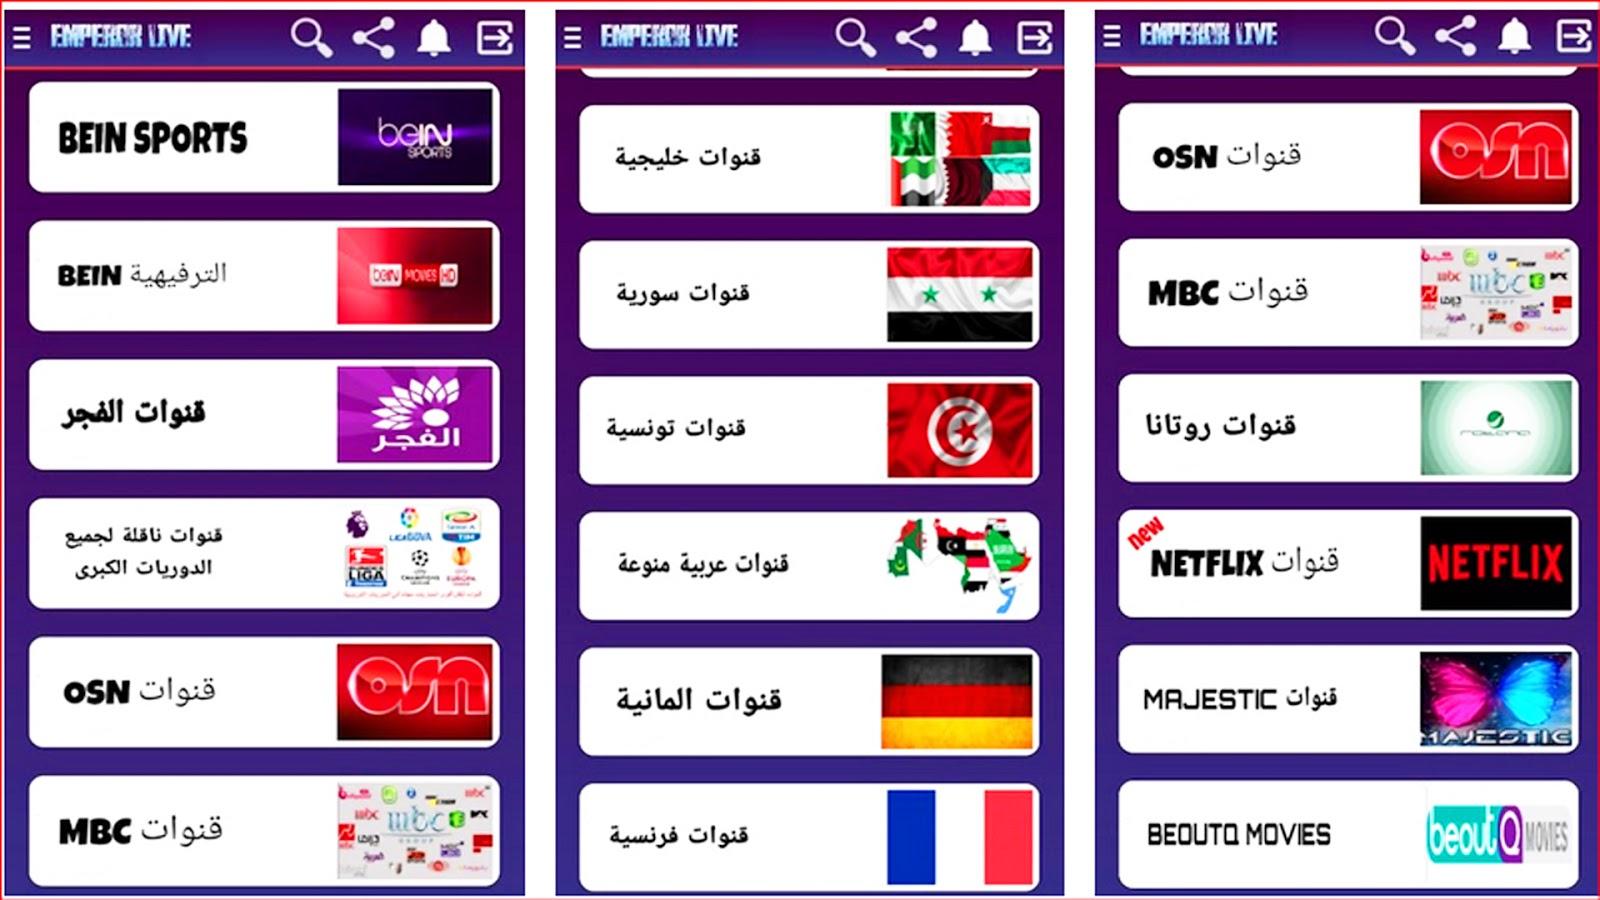 تحميل تطبيق EMPEROR LIVE الجديد لمشاهدة القنوات العالمية و يدعم النت الضعيف